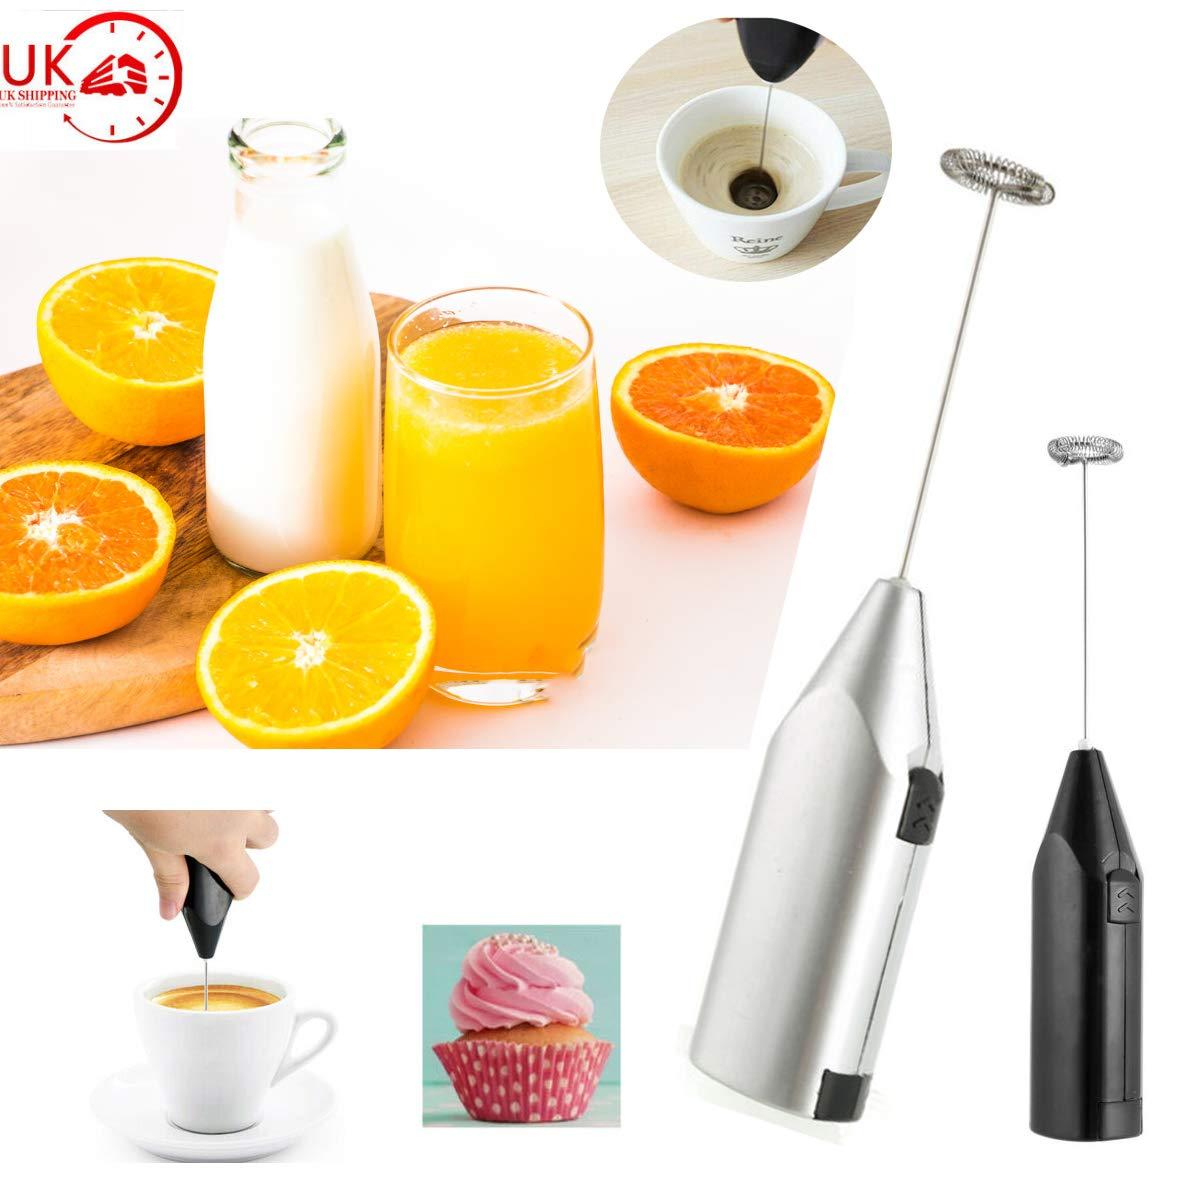 Yudanny Mode Batteur /À Oeufs Boissons Milk-Shake Mousse Fouet M/élangeur /Électrique Cadeau Shaker